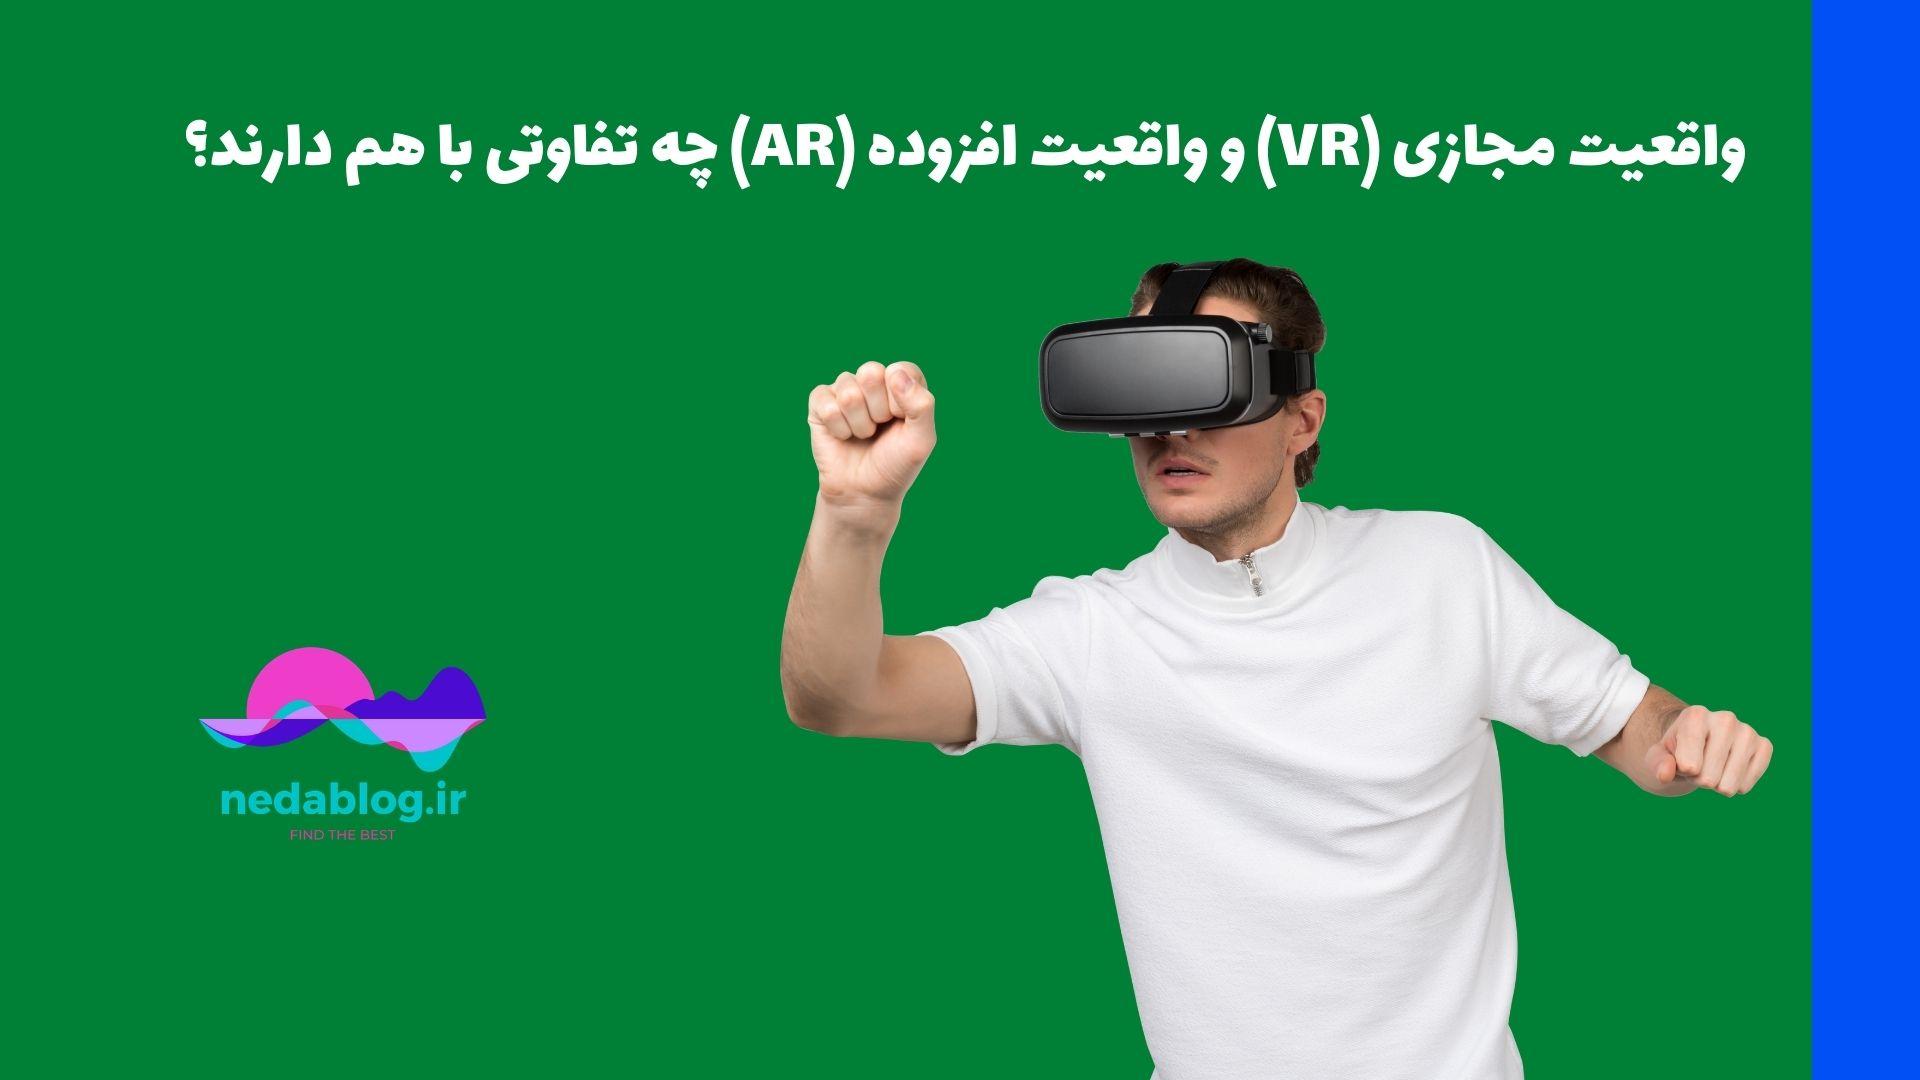 واقعیت مجازی (VR) و واقعیت افزوده (AR) چه تفاوتی با هم دارند؟